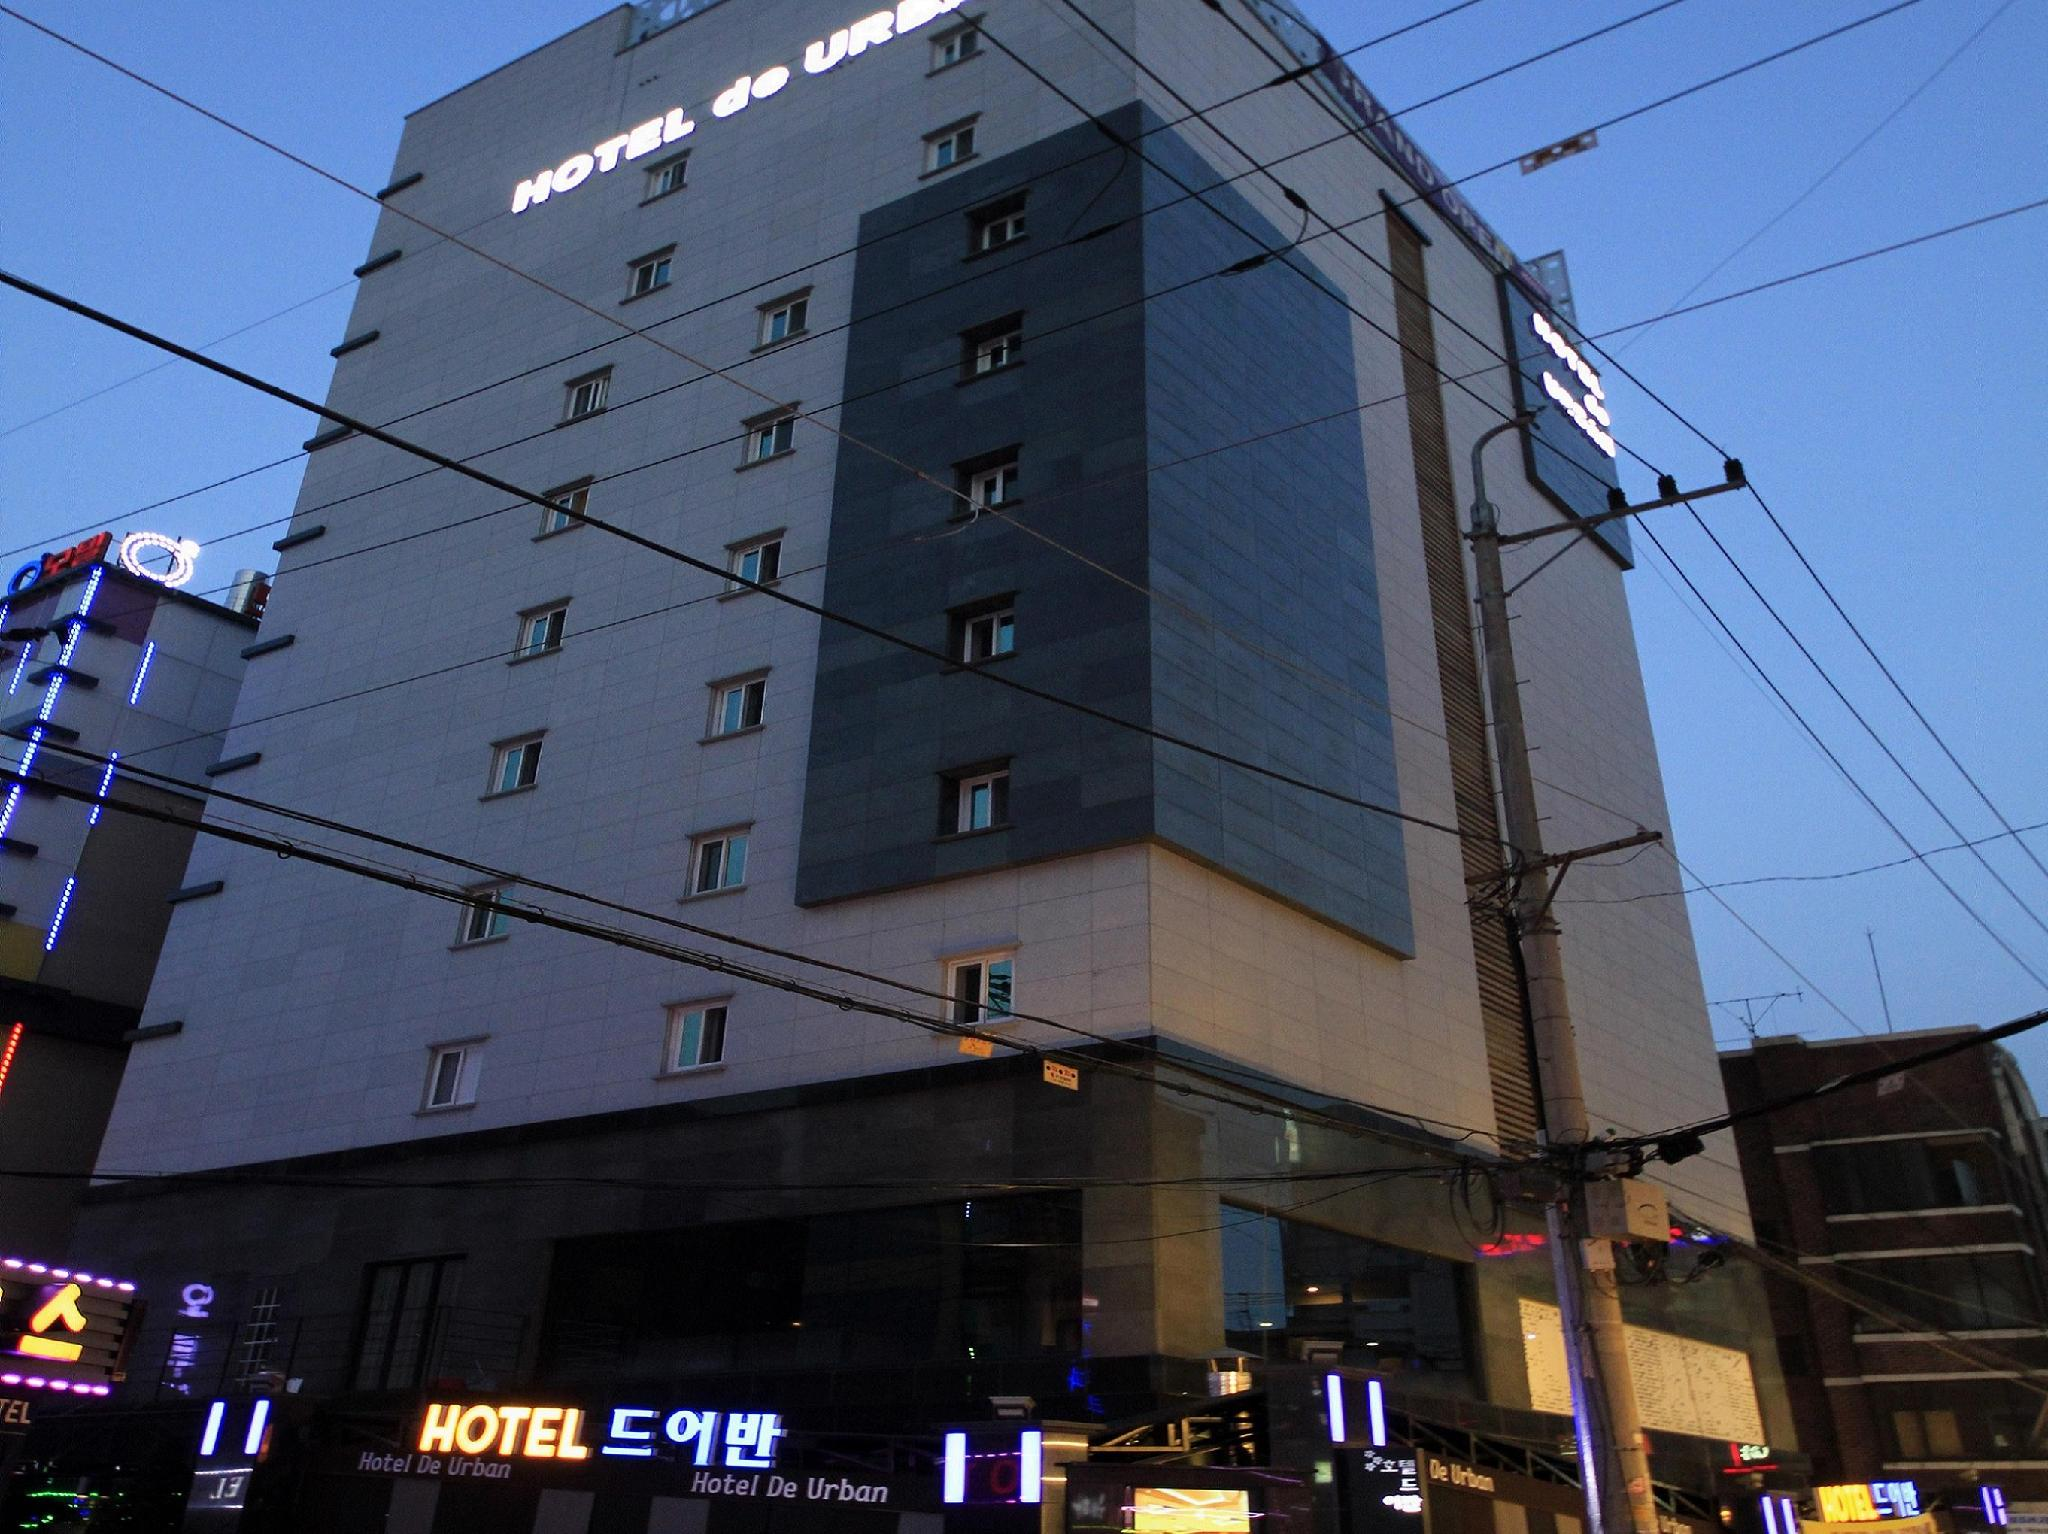 De Urban Hotel